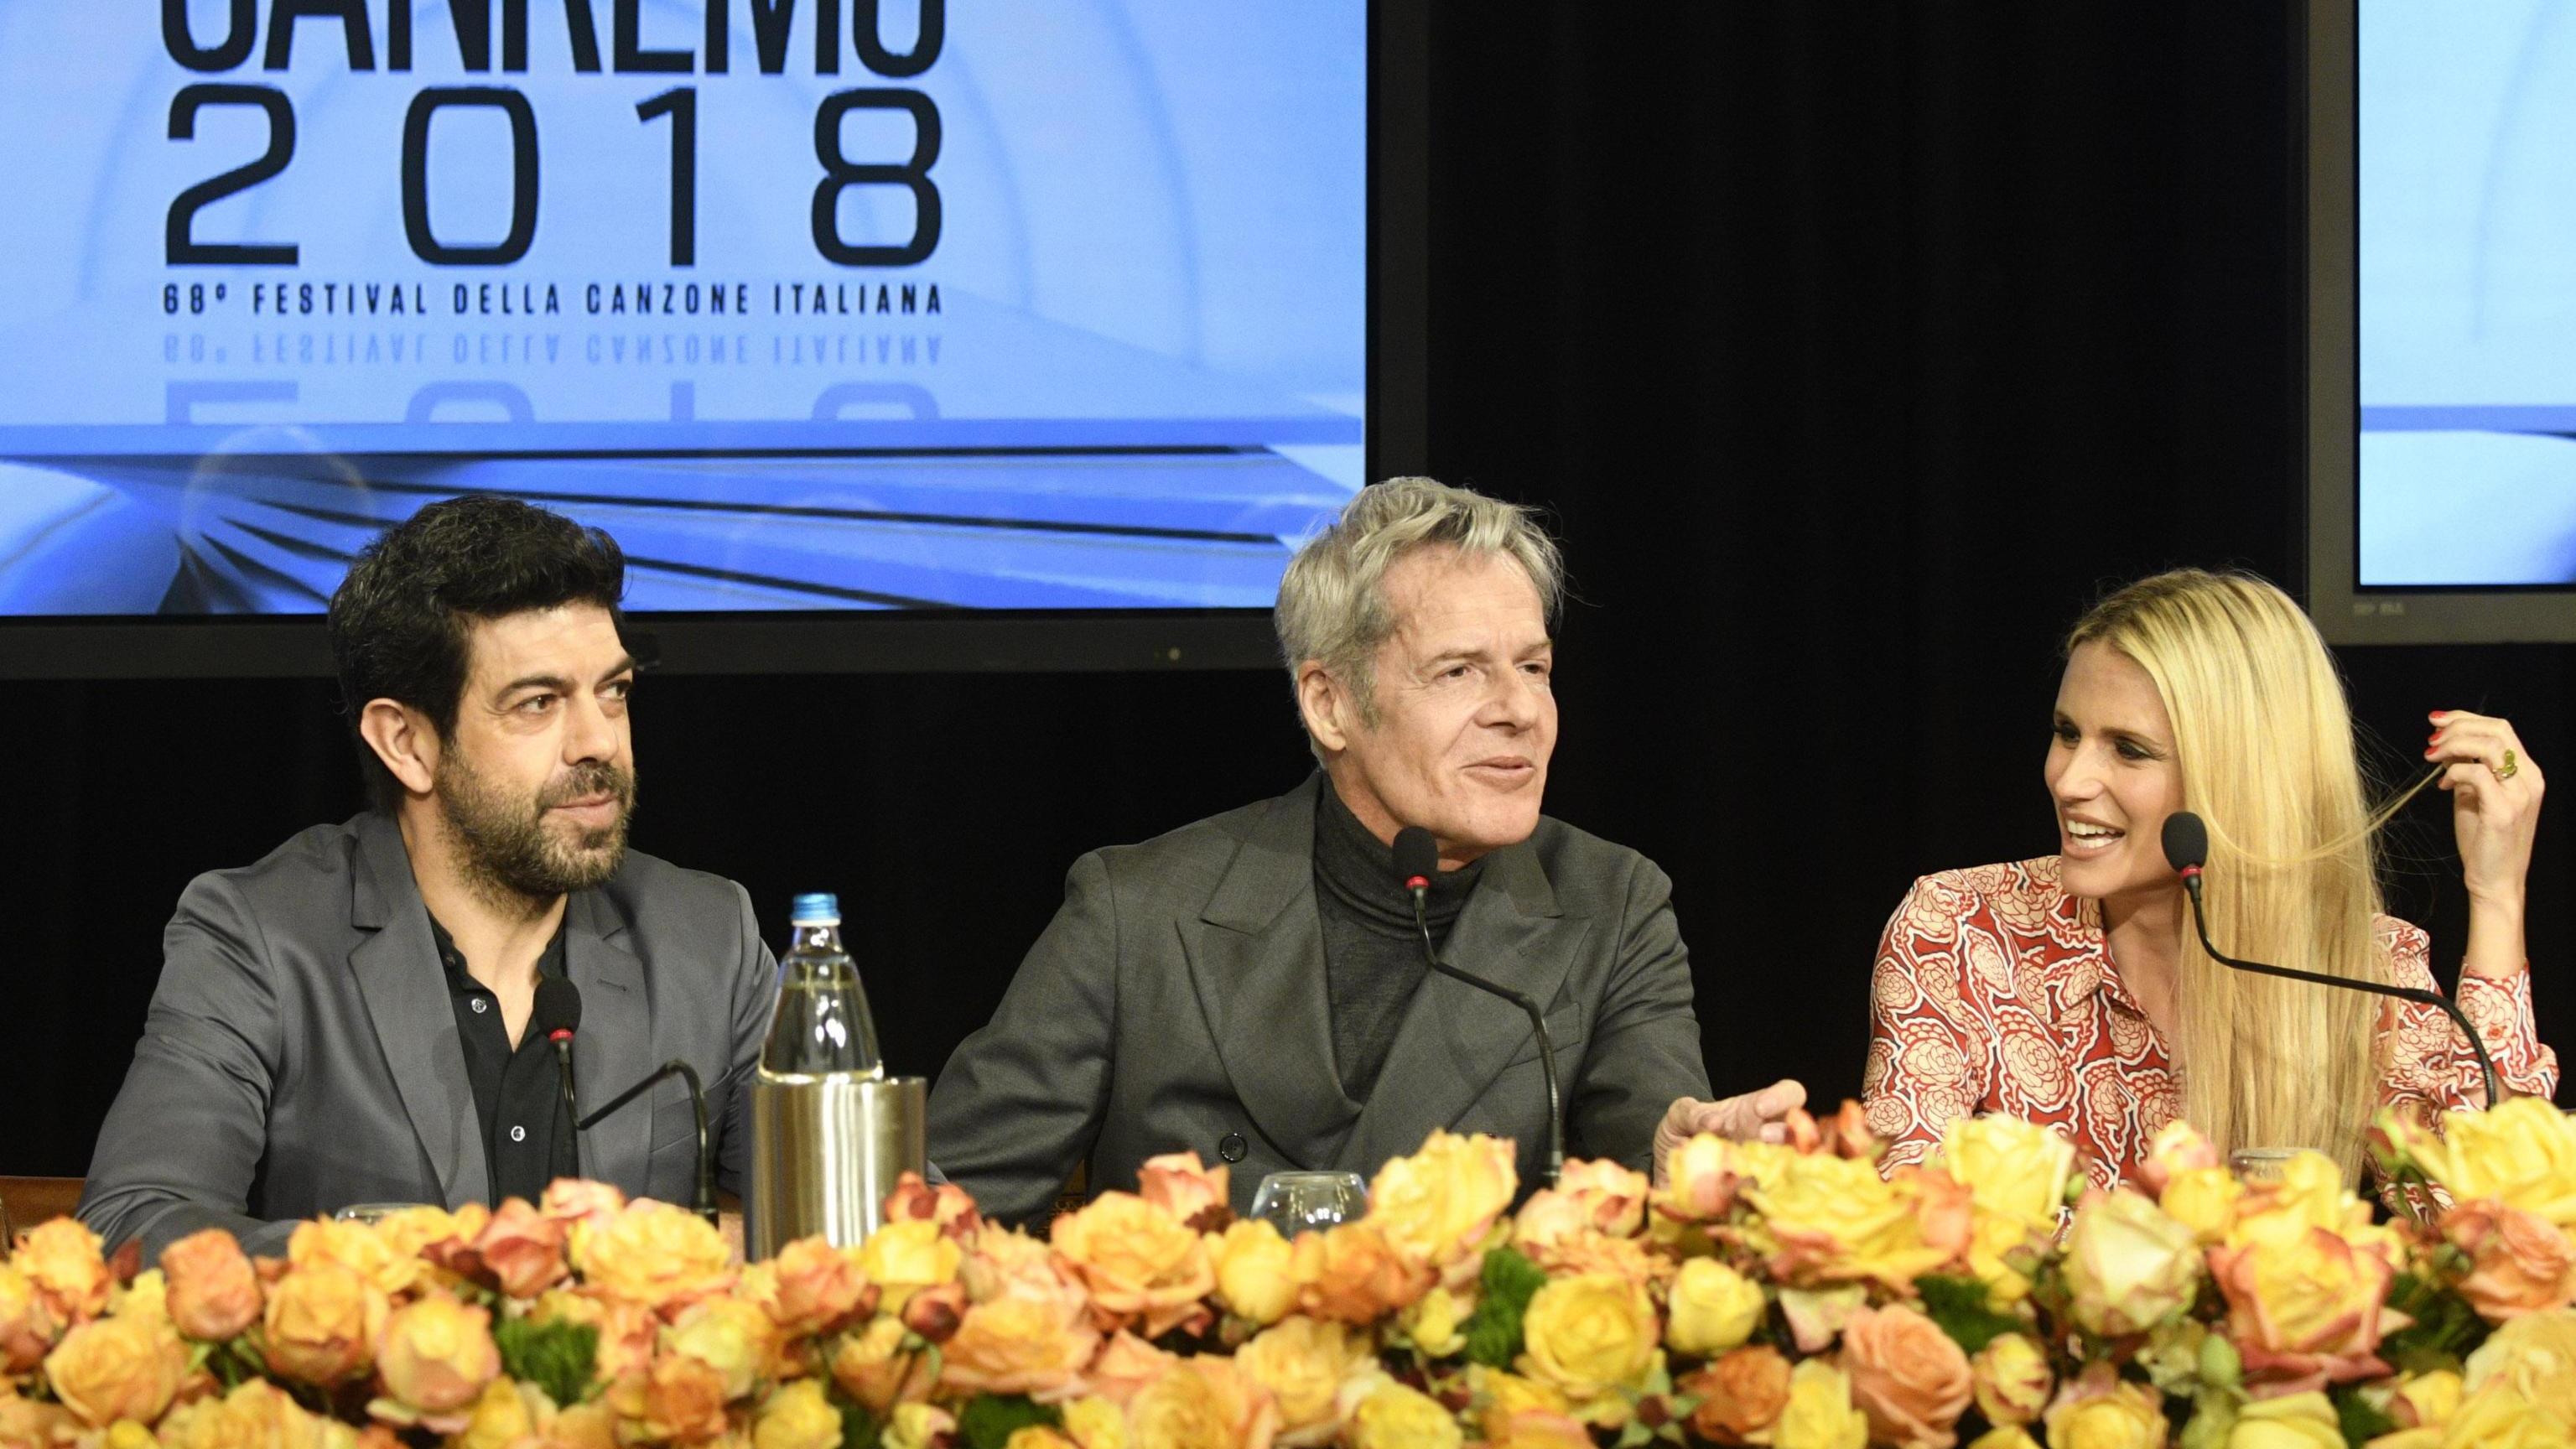 Baglioni, Pausini e Sting? Vediamo